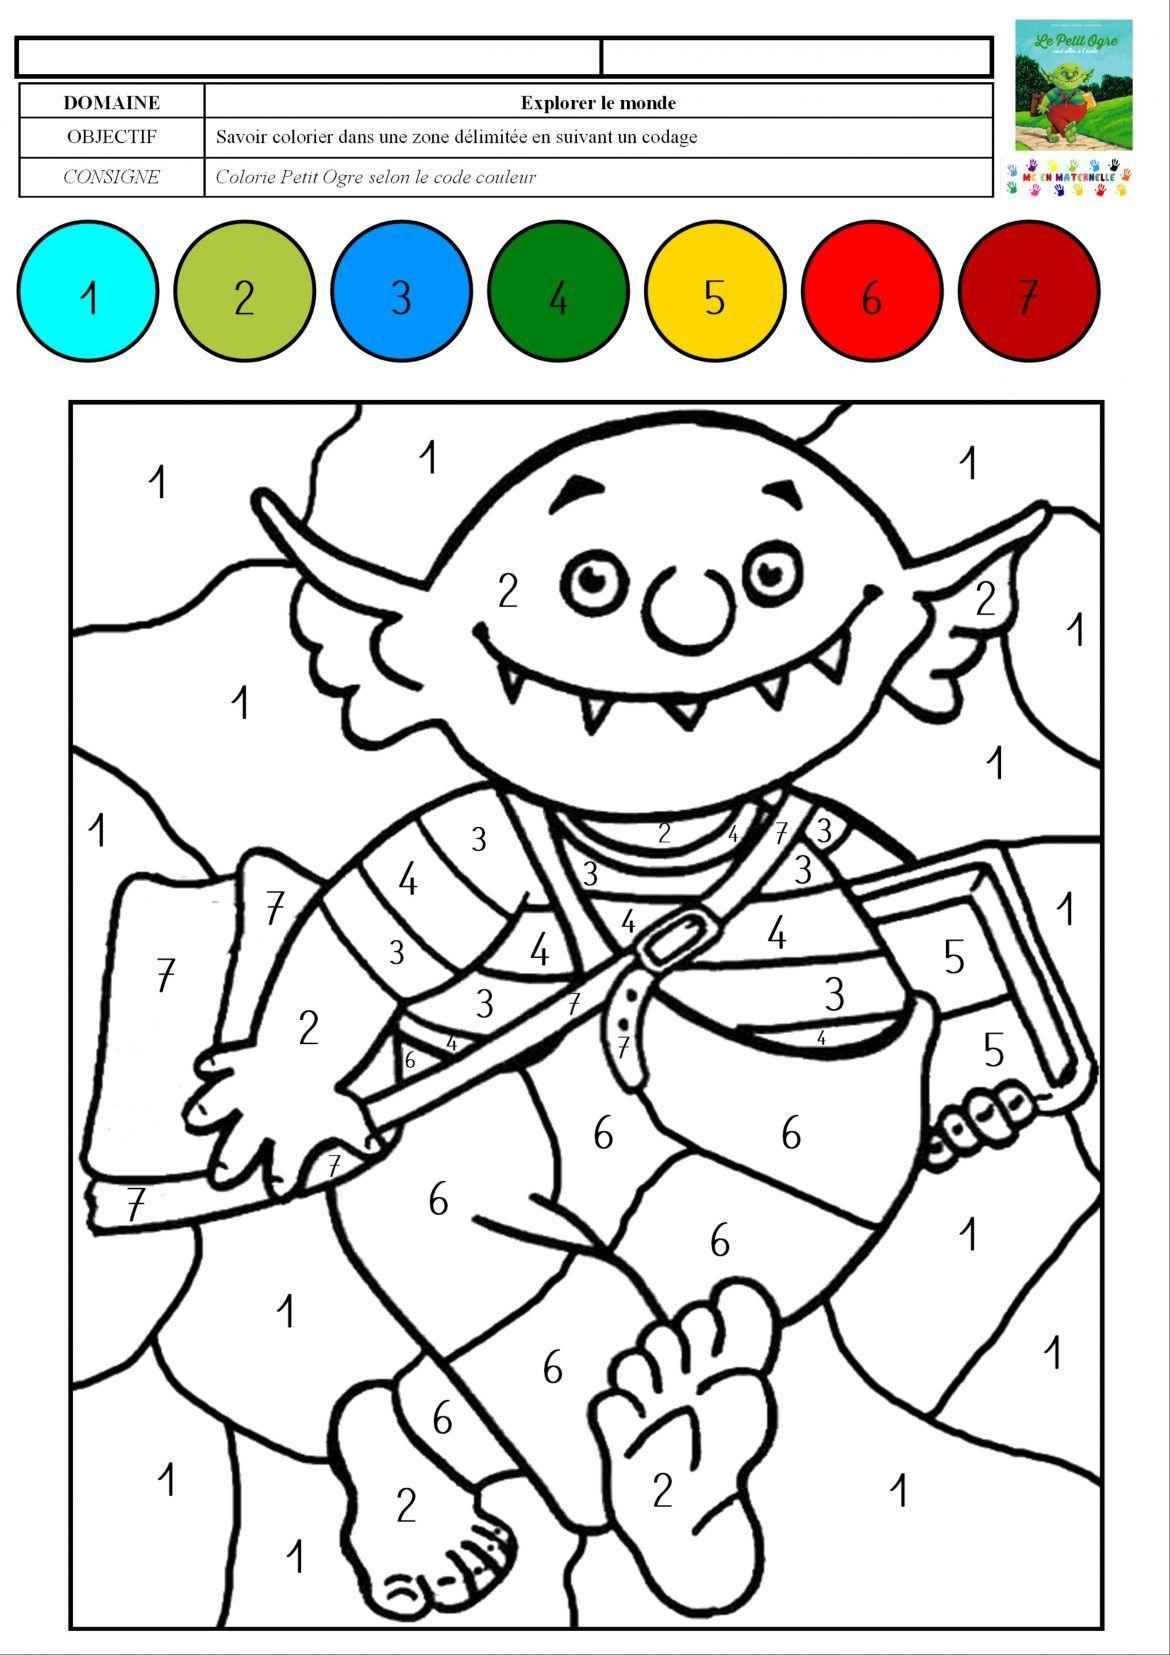 Livre Coloriage Magique dedans Coloriage Magique Pour Enfant